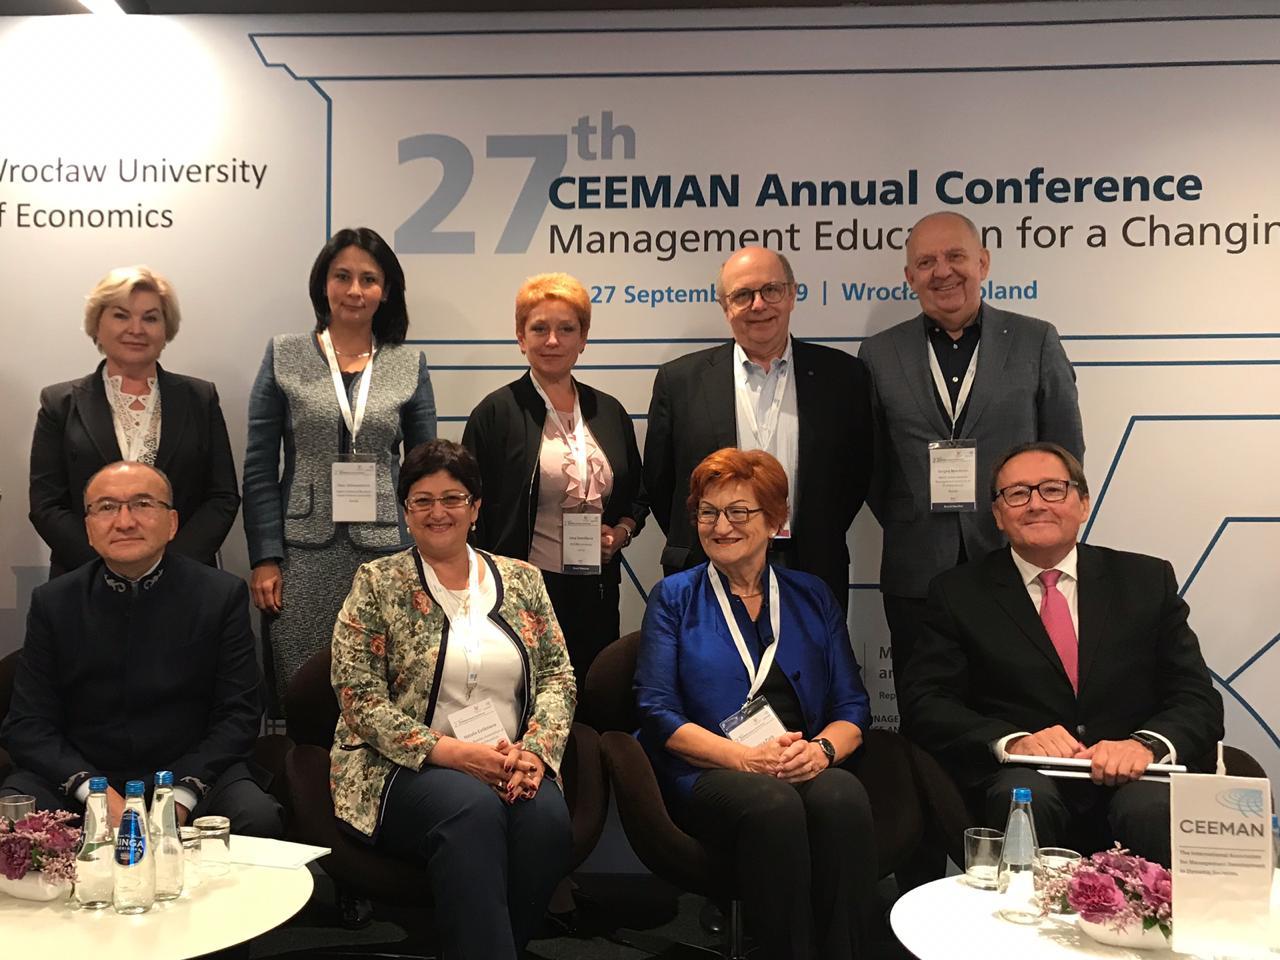 Конференции CEEMAN фото 6